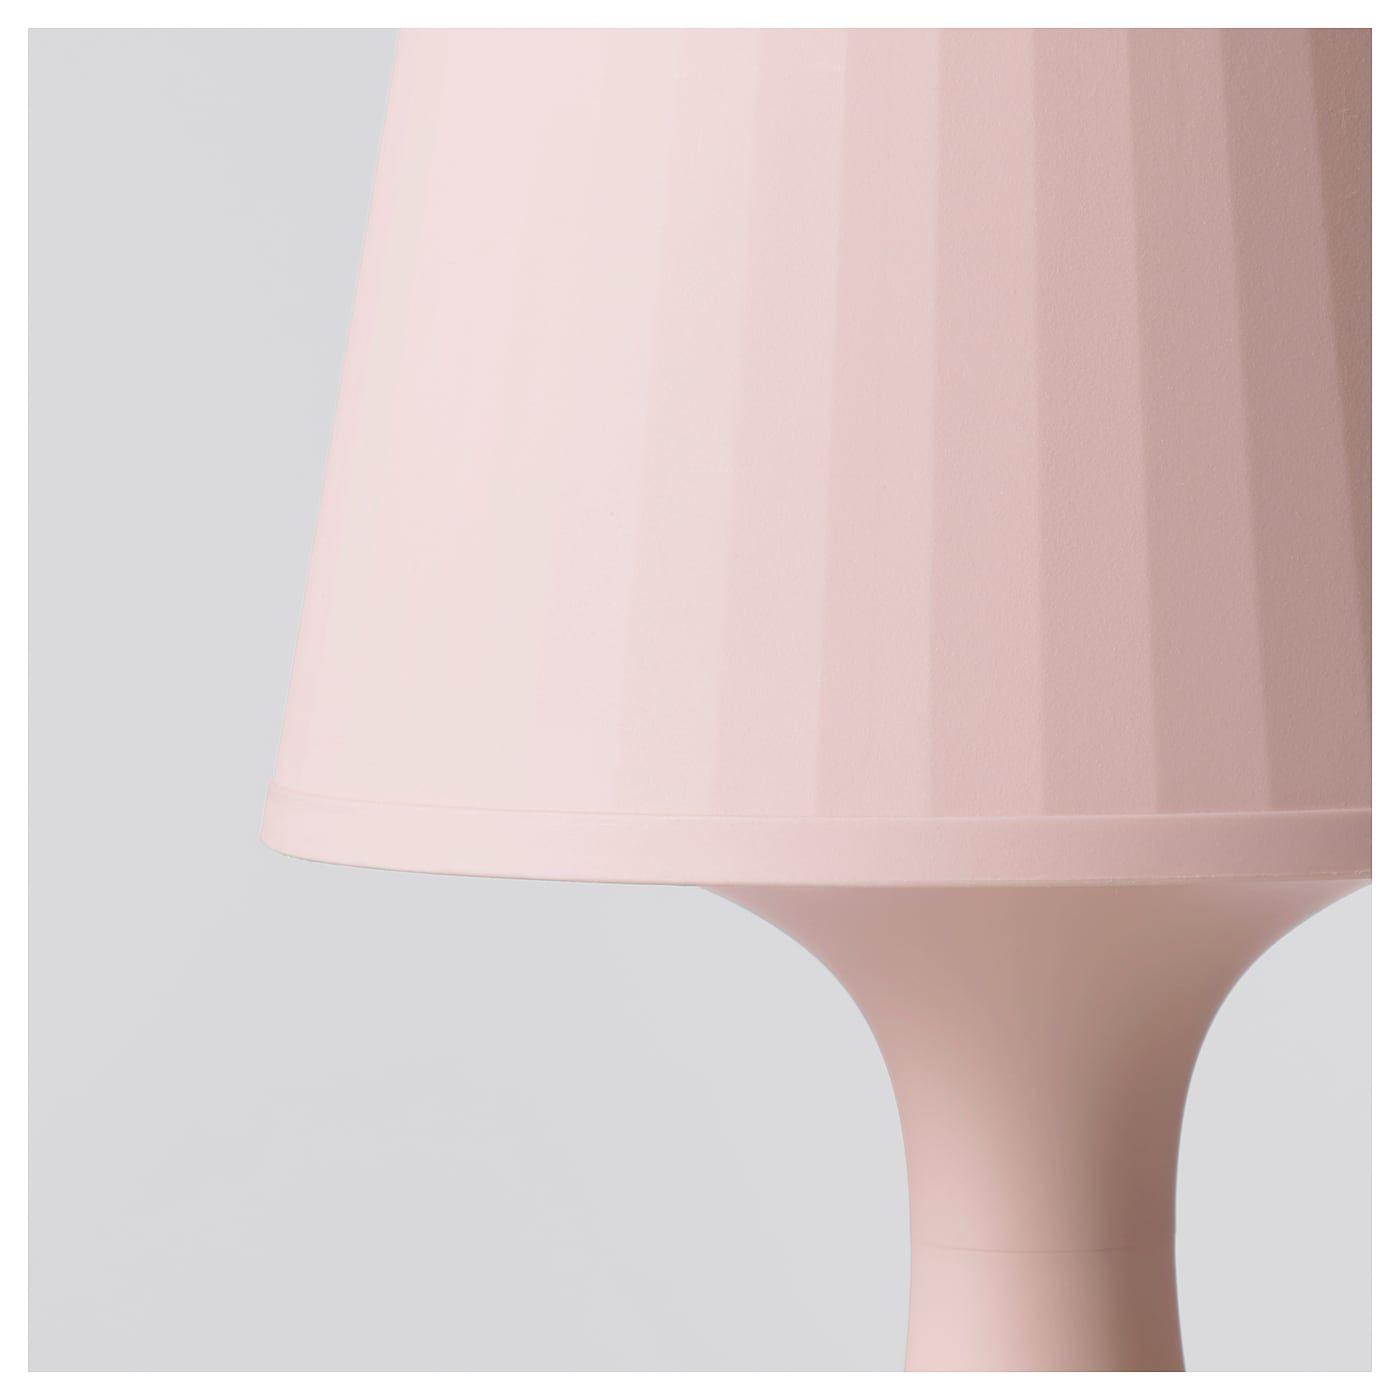 LAMPAN Tischleuchte hellrosa IKEA Österreich | Rosa